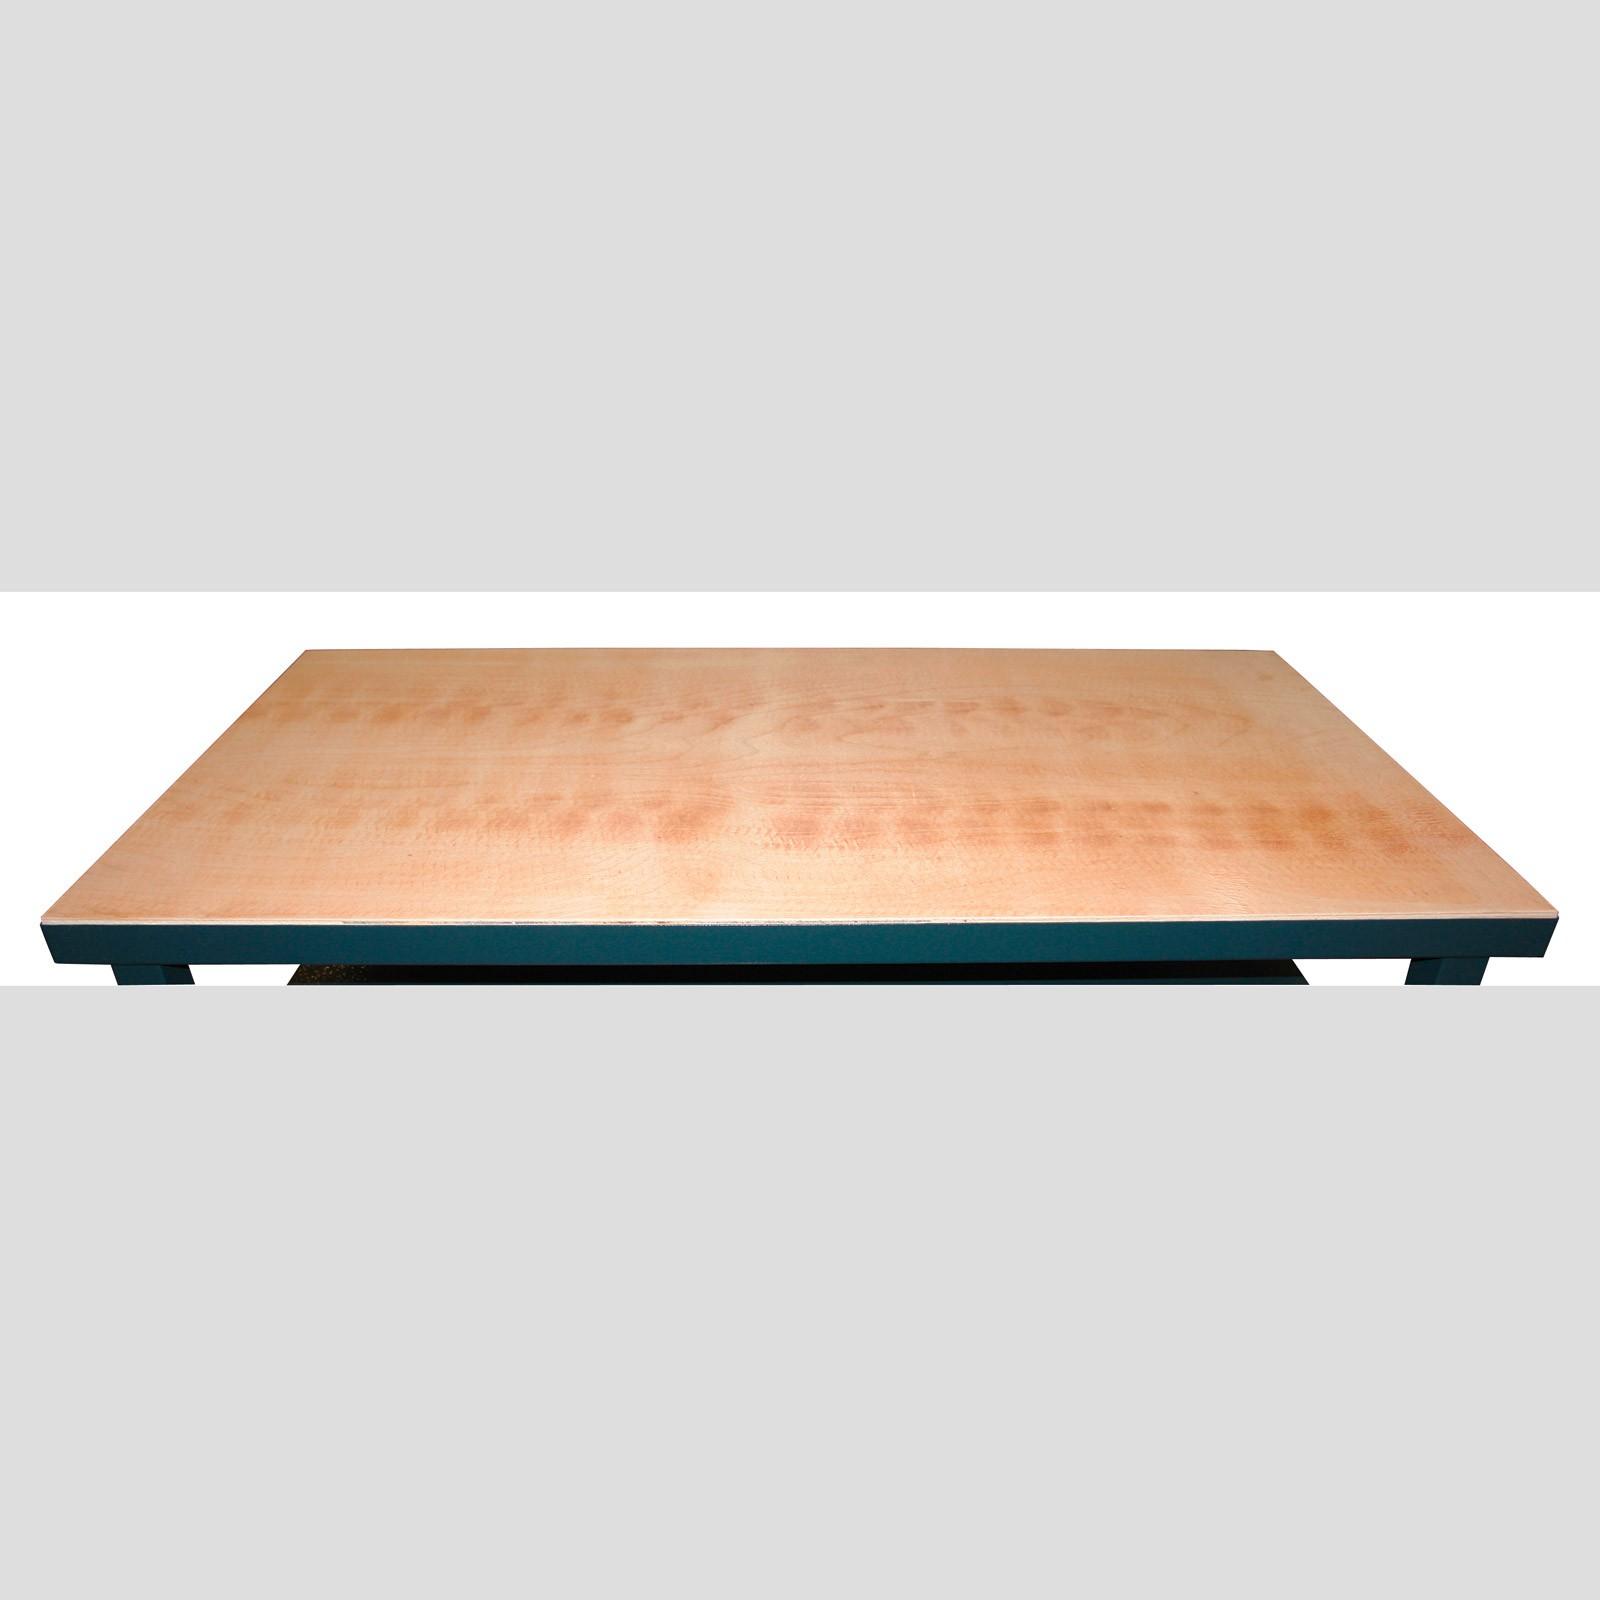 werkbank werktisch arbeitstisch werkstattwagen tisch mit. Black Bedroom Furniture Sets. Home Design Ideas